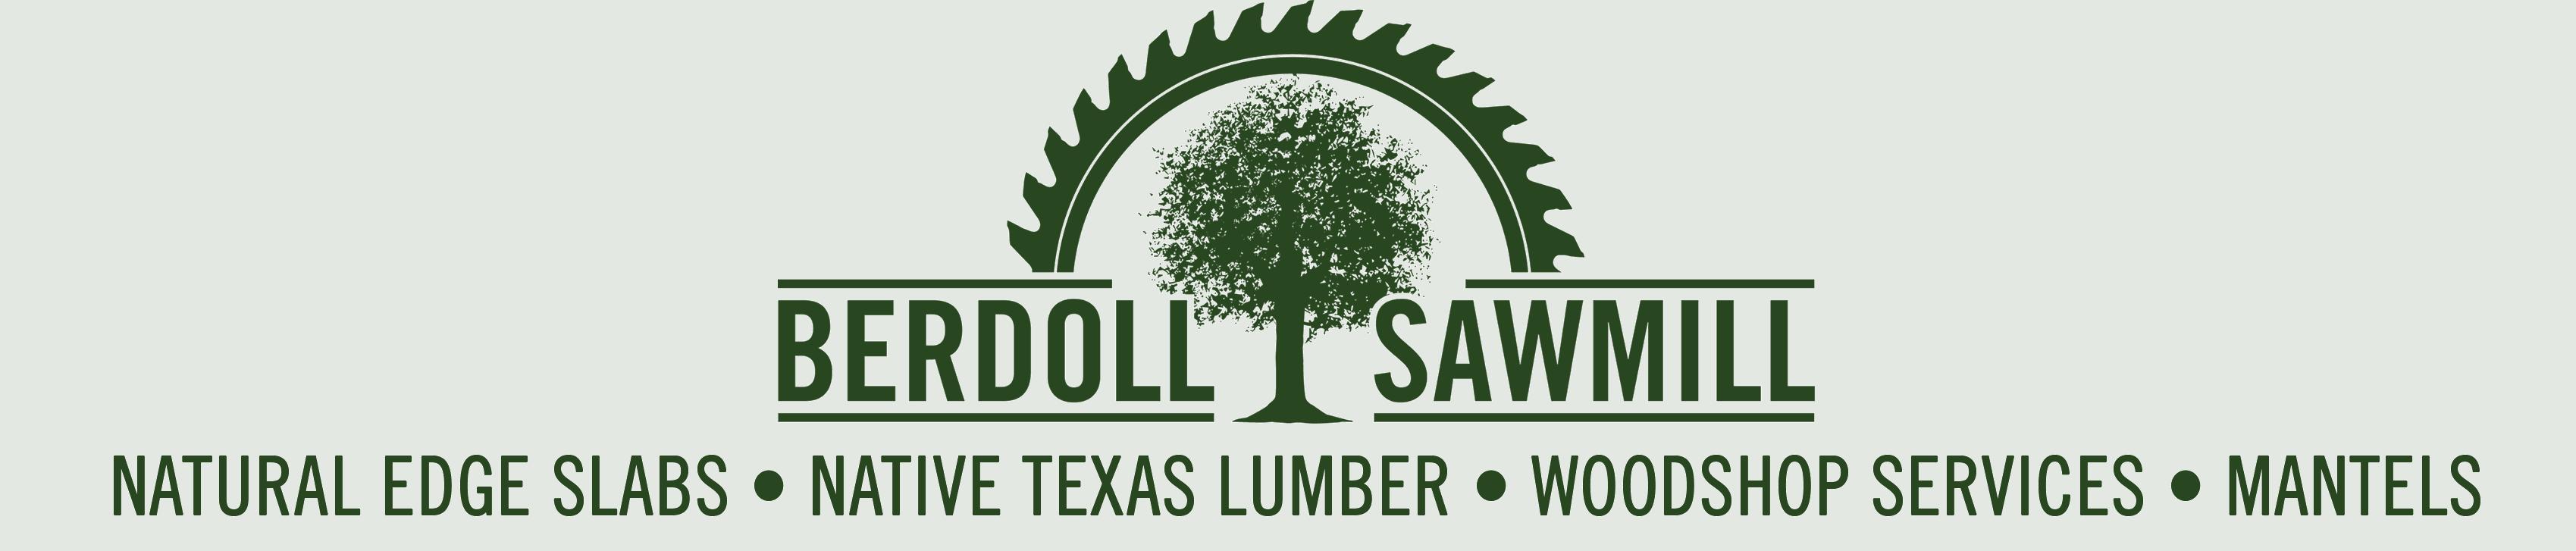 Berdoll Sawmill